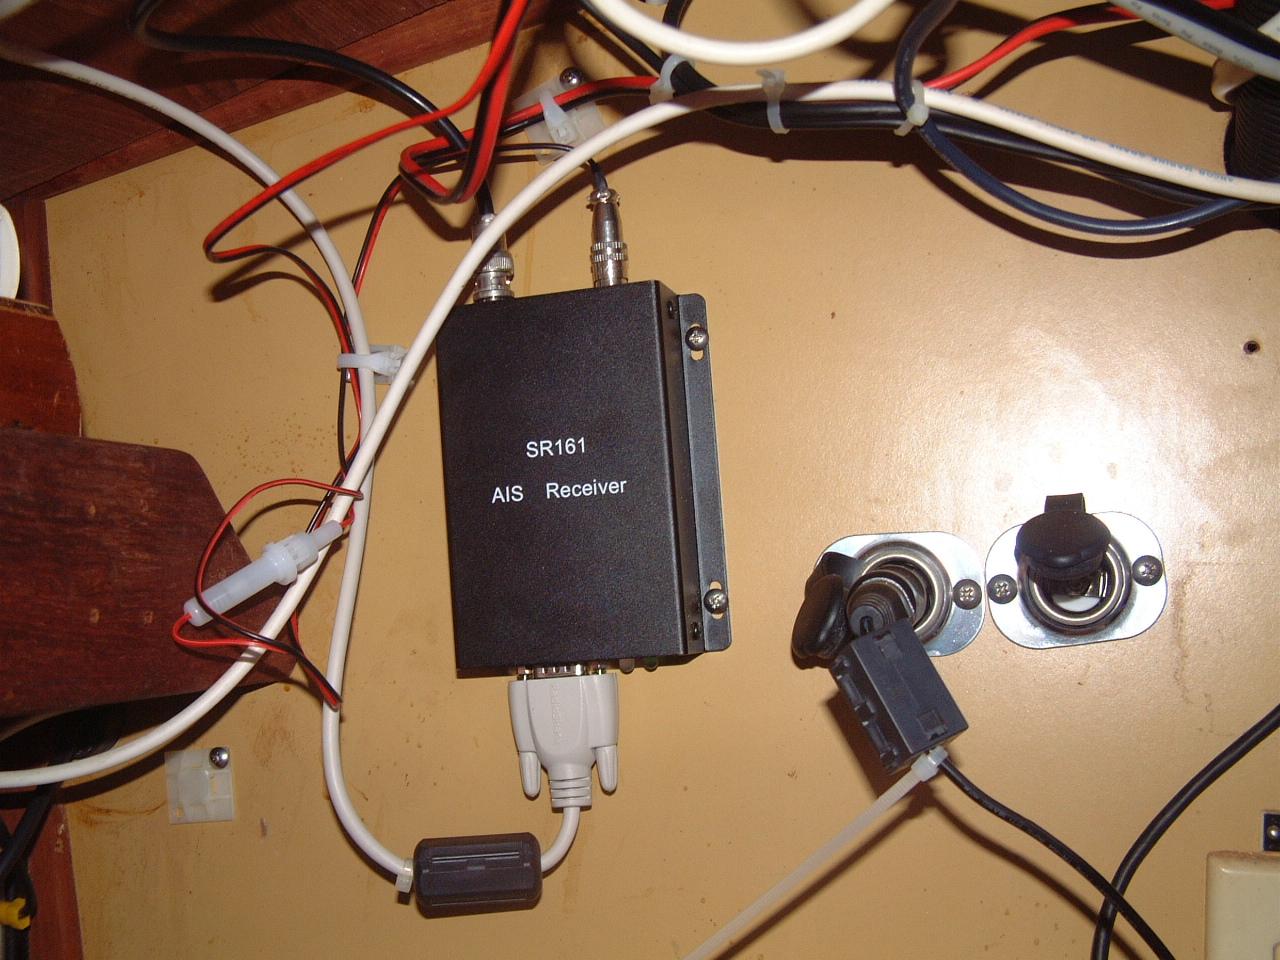 SR161 b ais nasa ais engine wiring diagram at gsmx.co